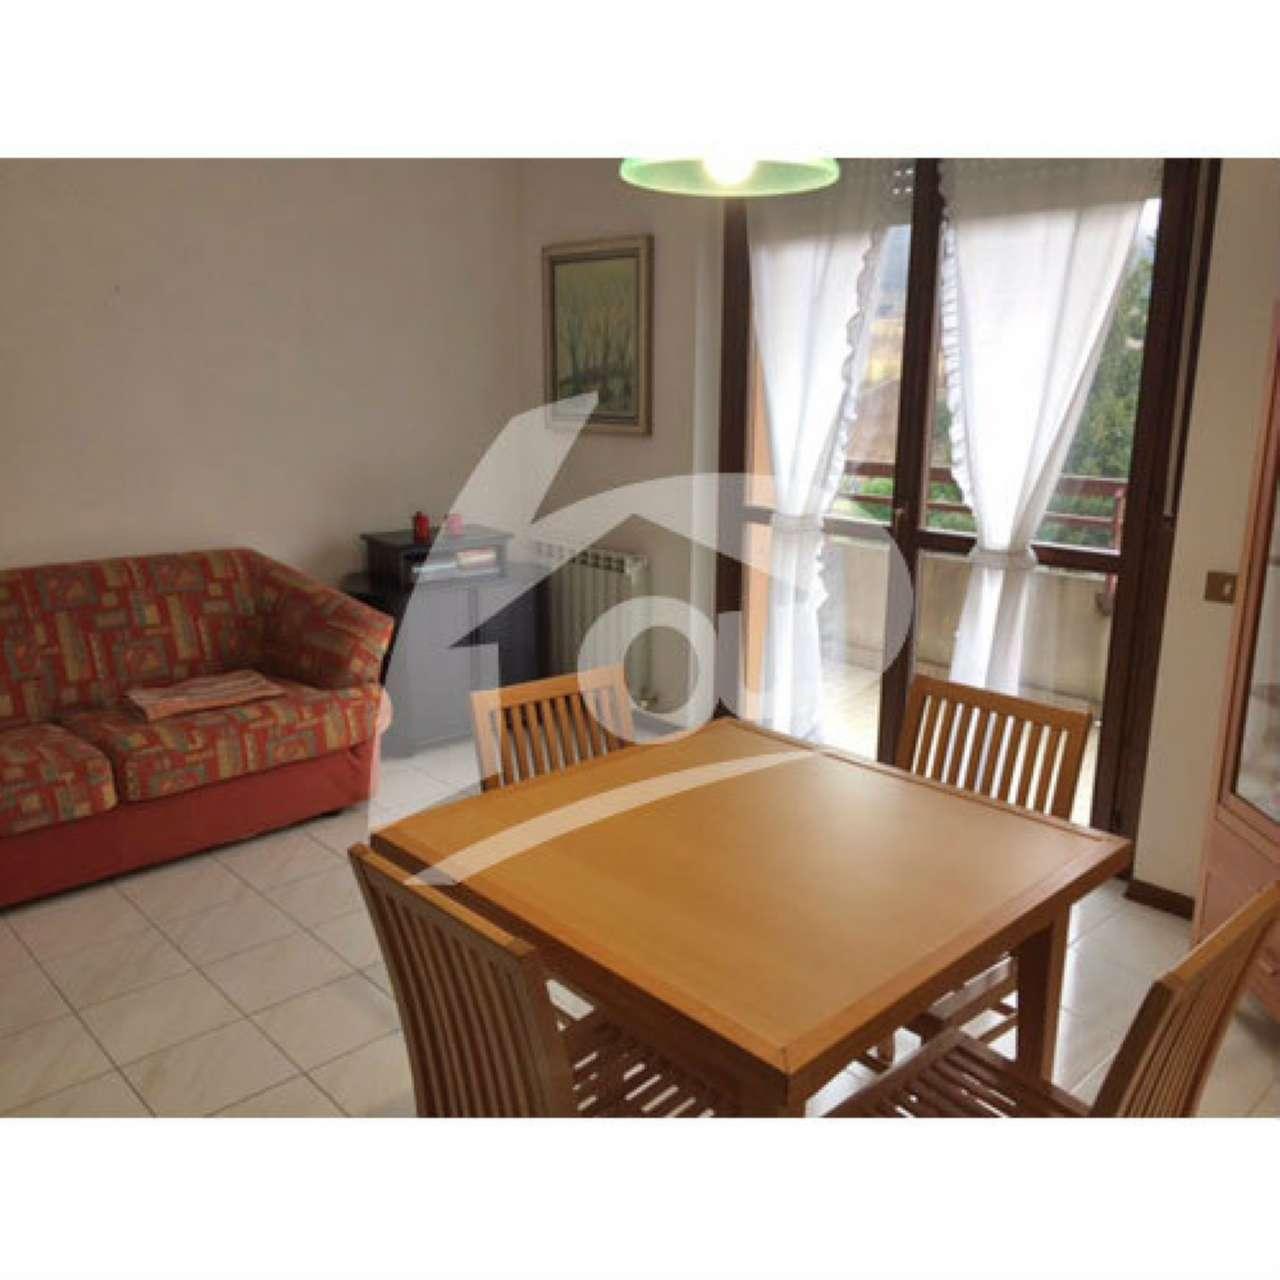 Appartamento in affitto a Cittiglio, 2 locali, prezzo € 450 | Cambio Casa.it